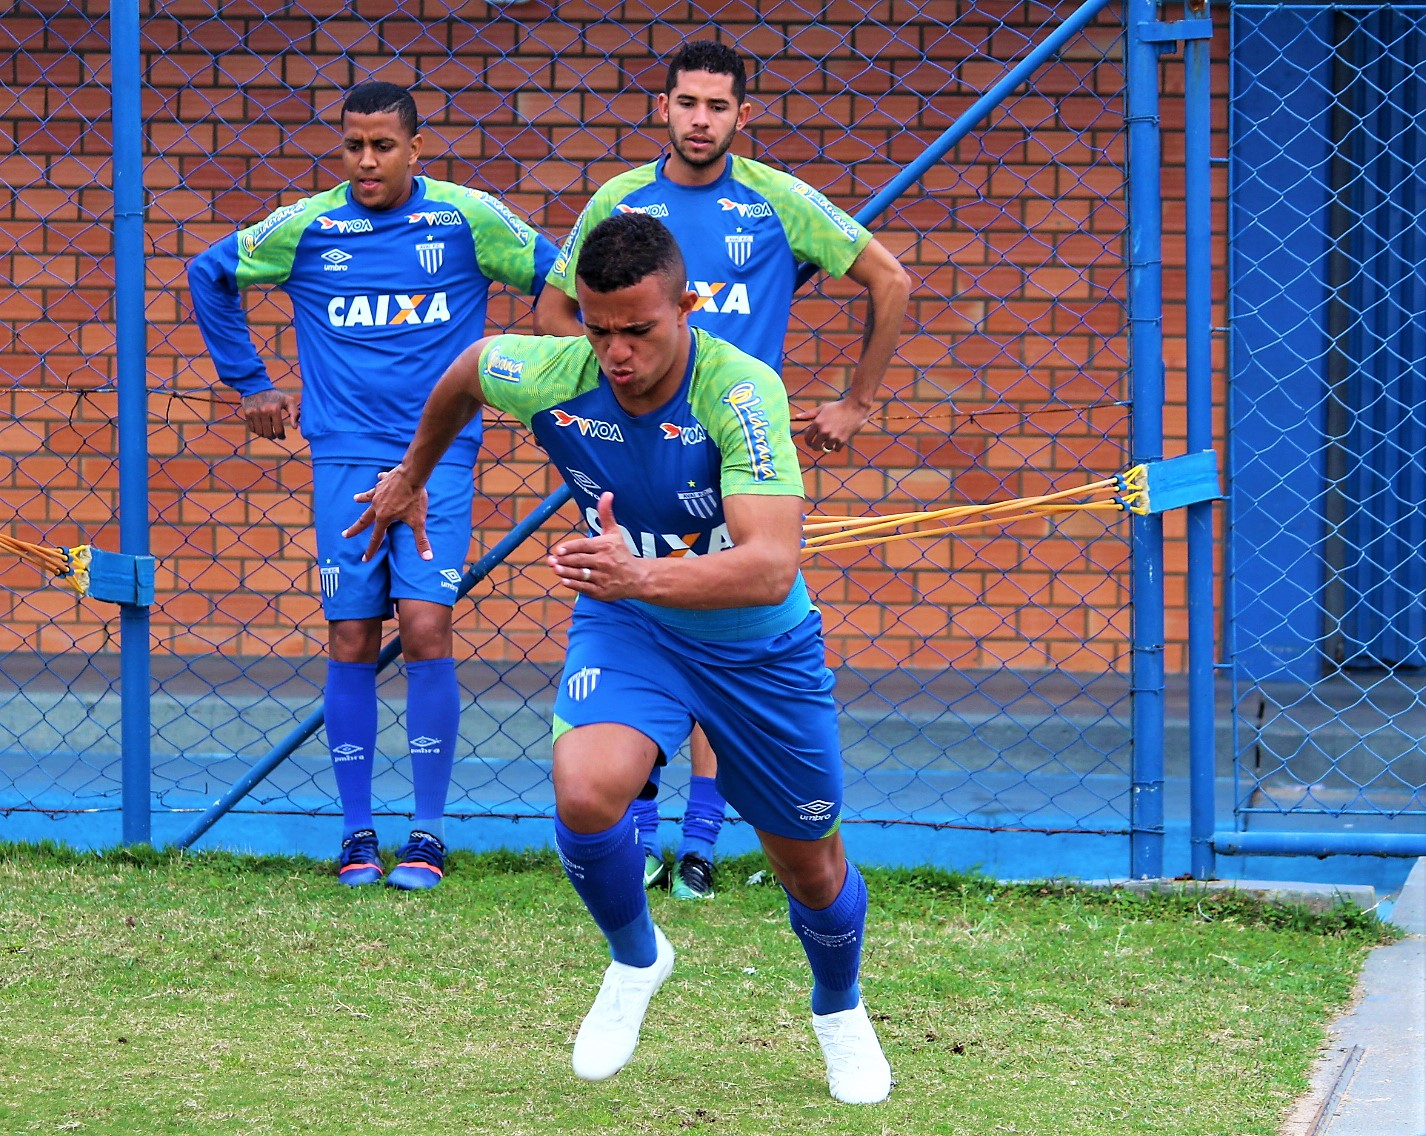 Avaí inicia a semana de preparação para partida importante contra o Criciúma